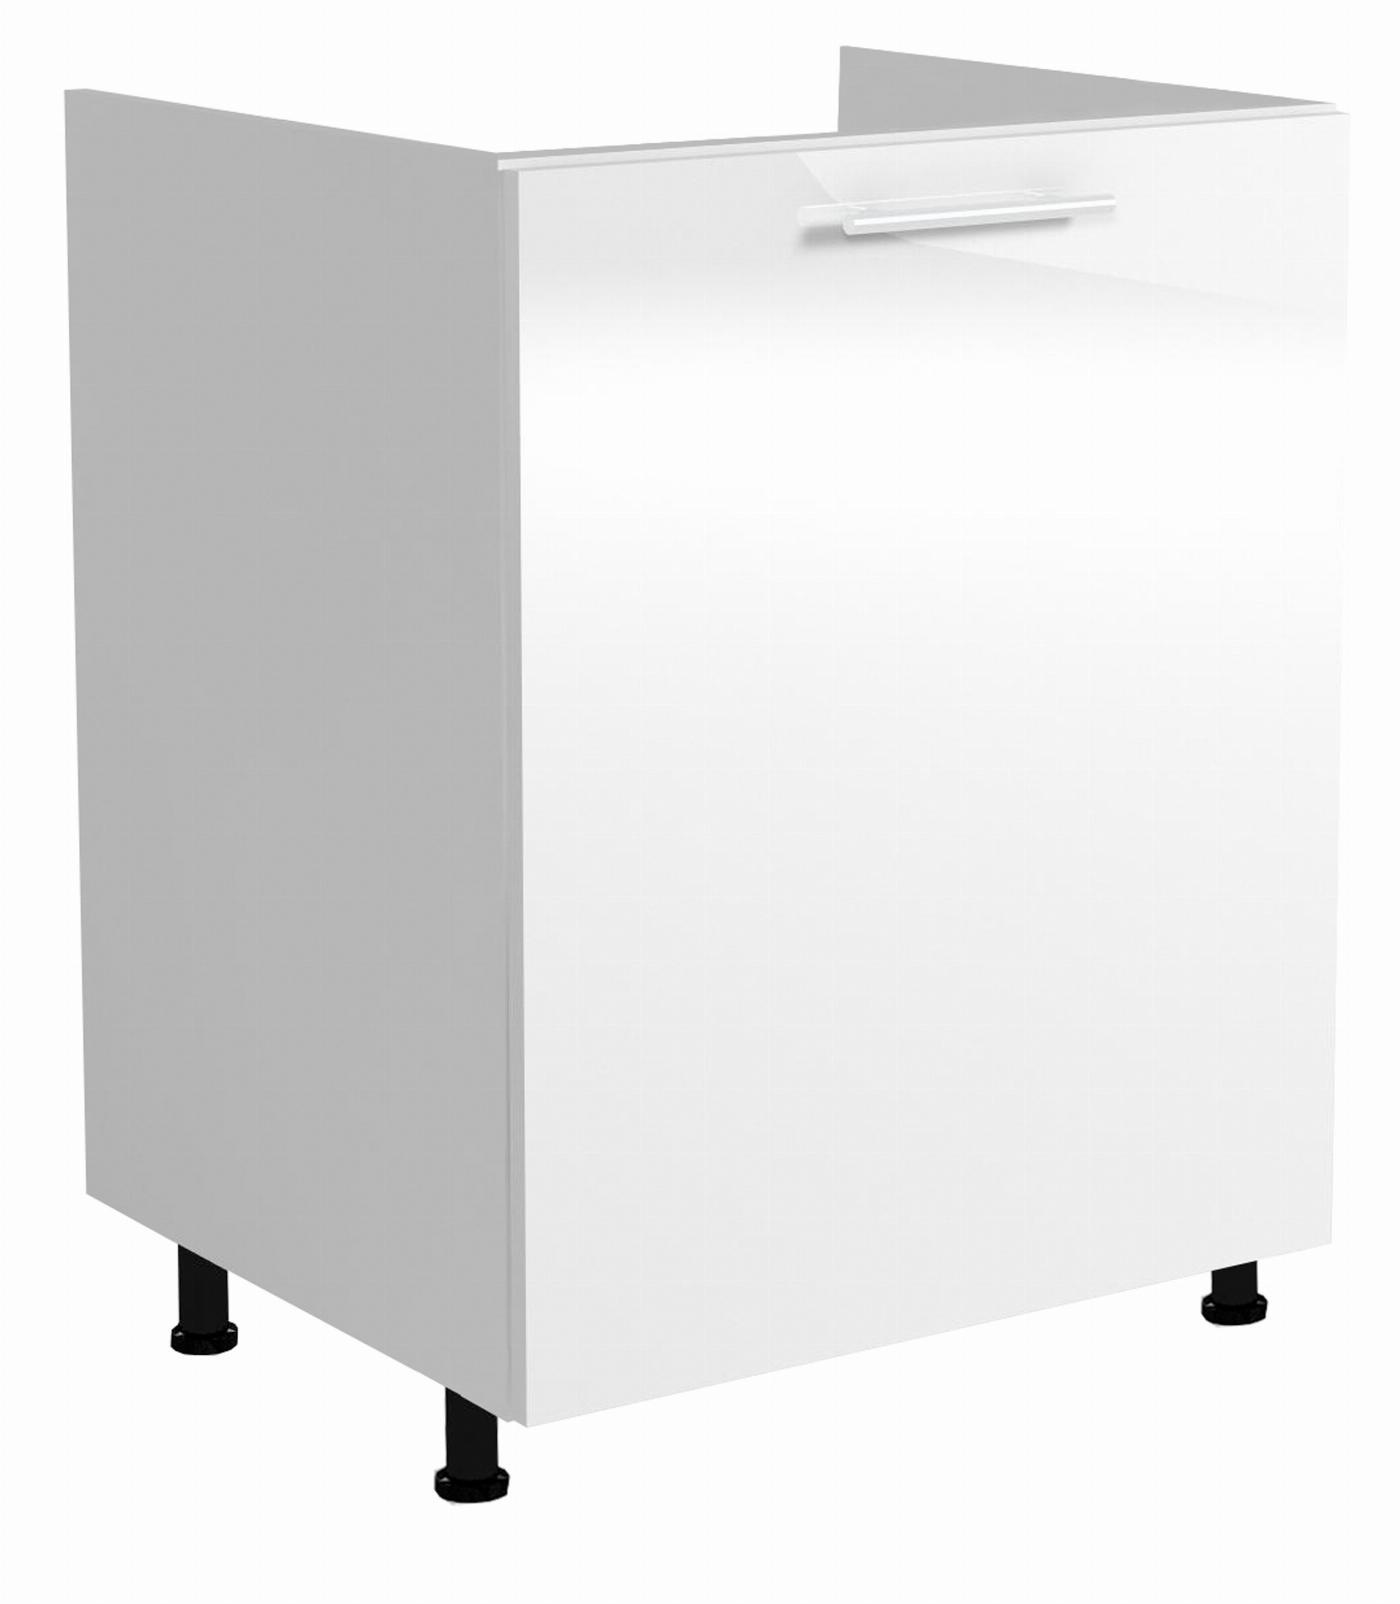 VENTO DK-60/82 szafka zlewozmywakowa front: biały (1p=1szt)